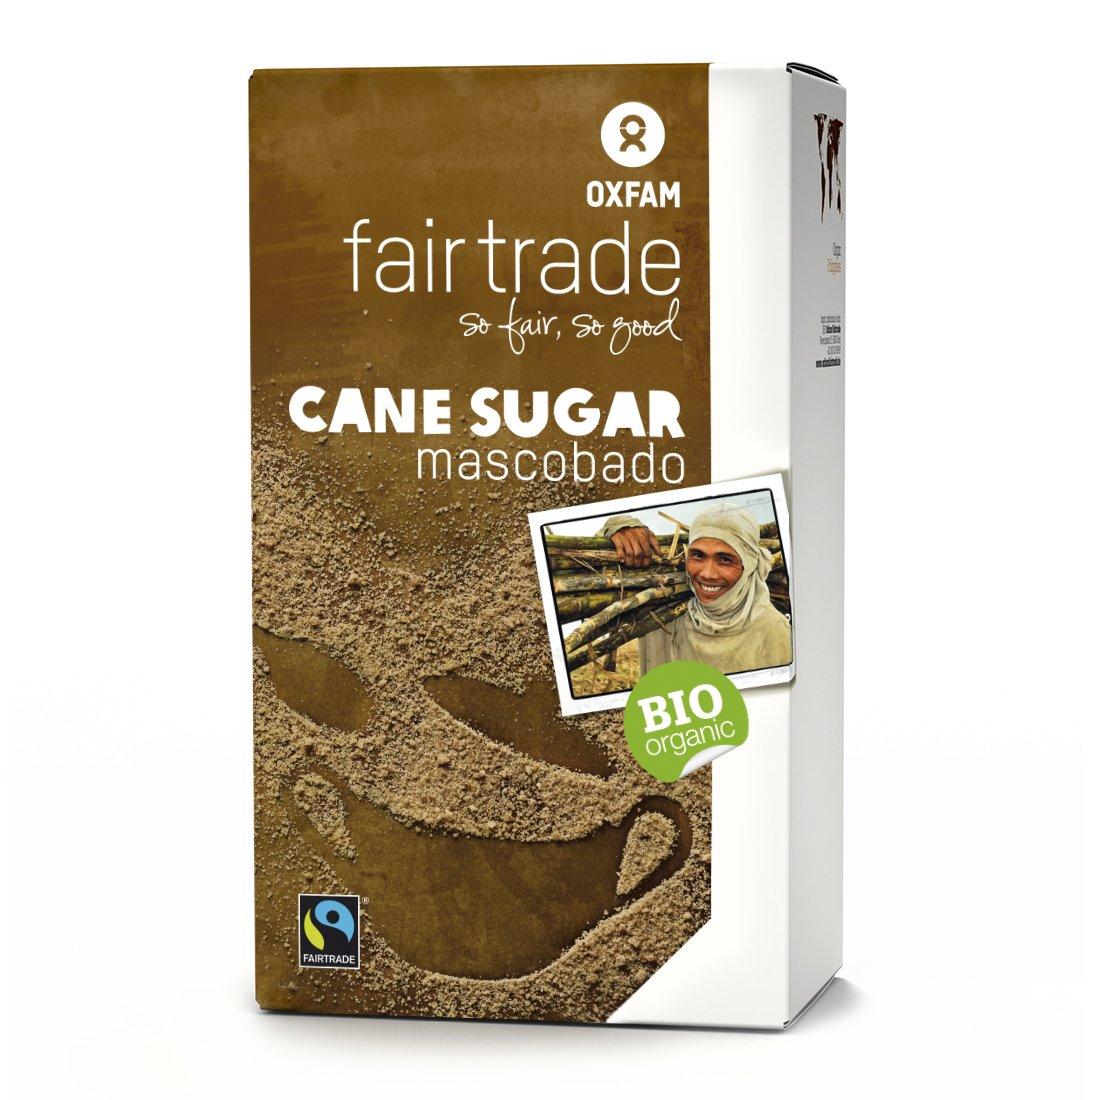 Oxfam Fair Trade 26703 Oxfam product